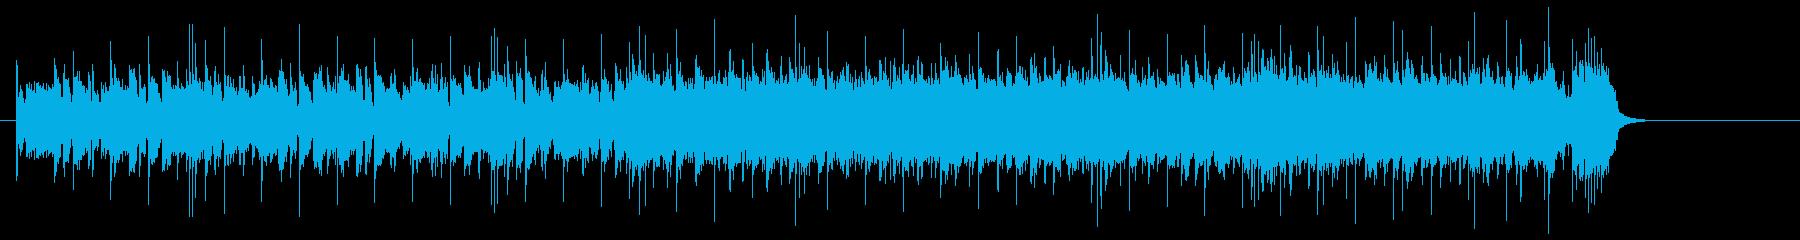 エネルギッシュなシャッフルのギターロックの再生済みの波形